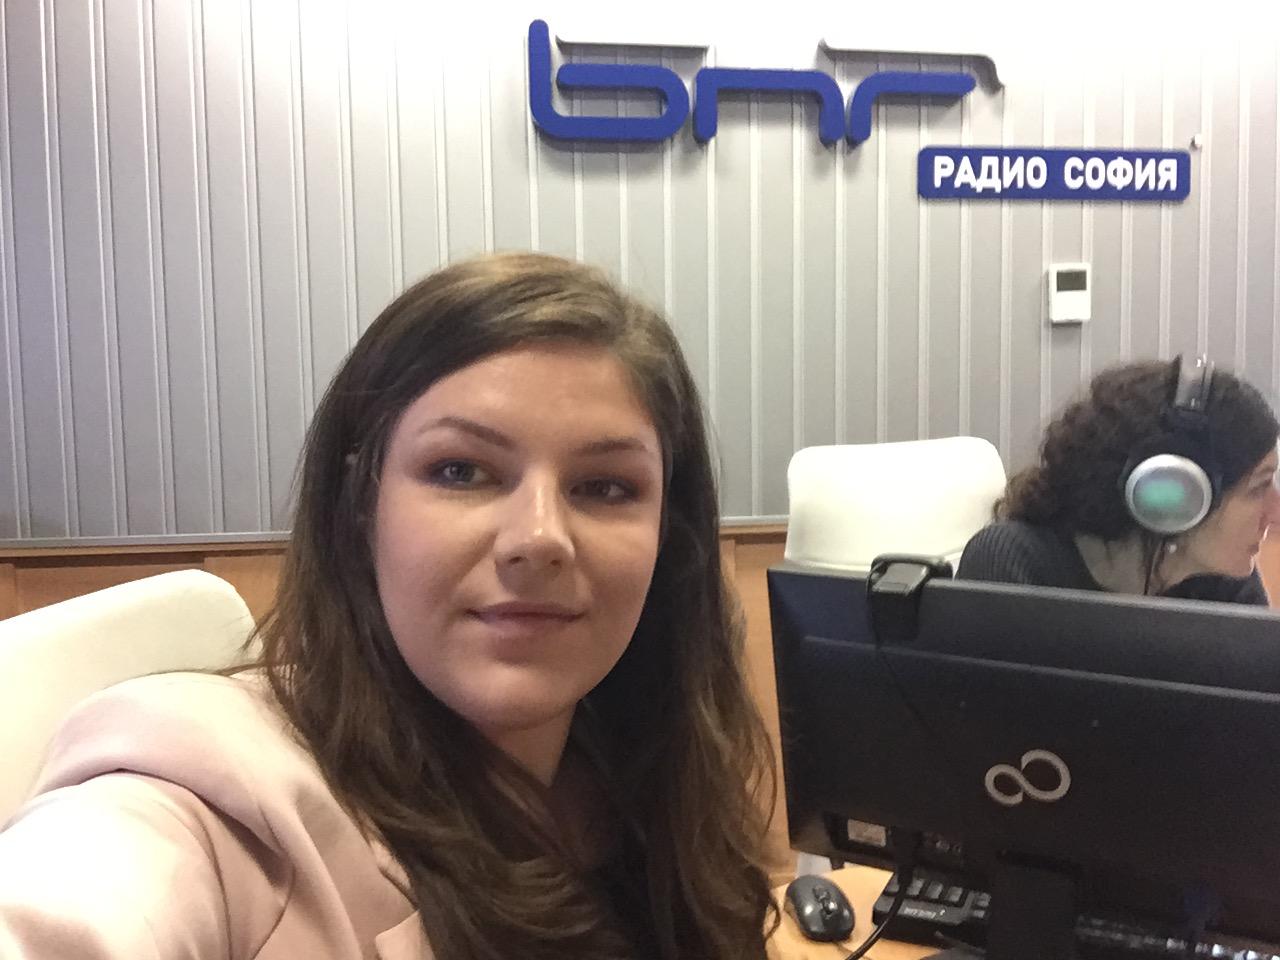 Сева Памукчиева: Демократична България единствена говори за разказа за бъдещето по градивен начин